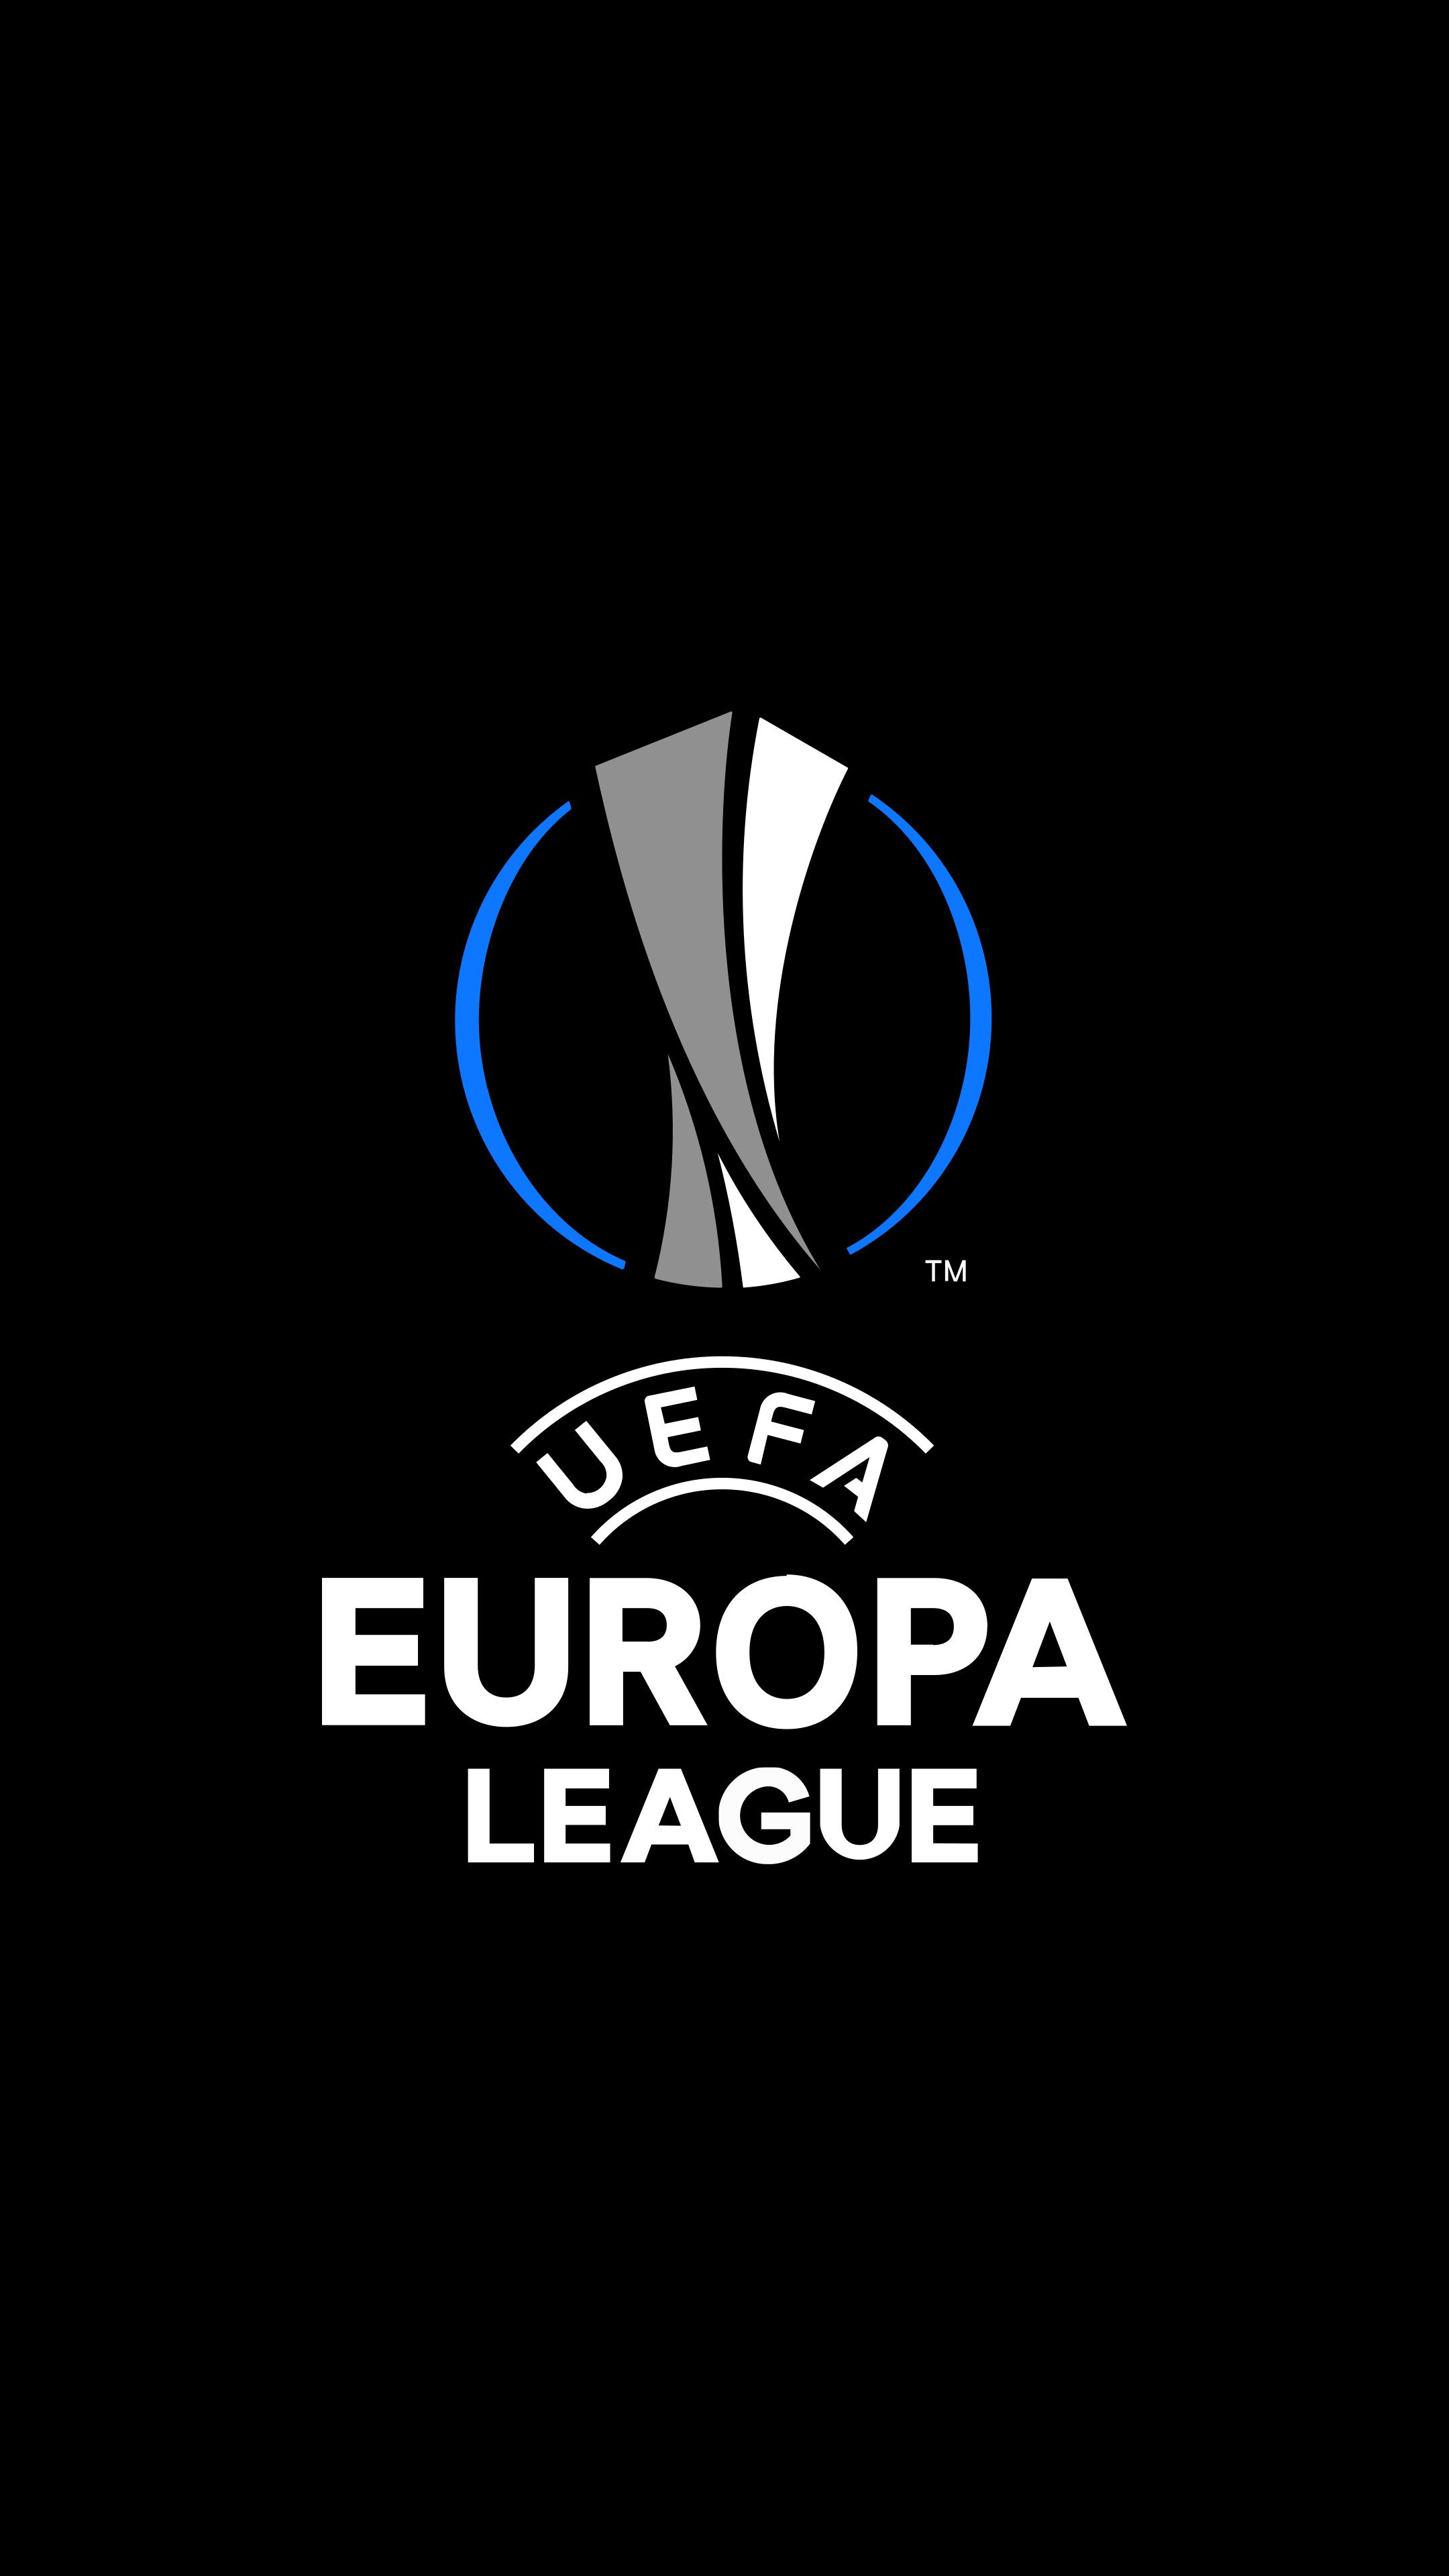 Europa League 2019 Wallpapers Europa League Uefa Champions League Champions League